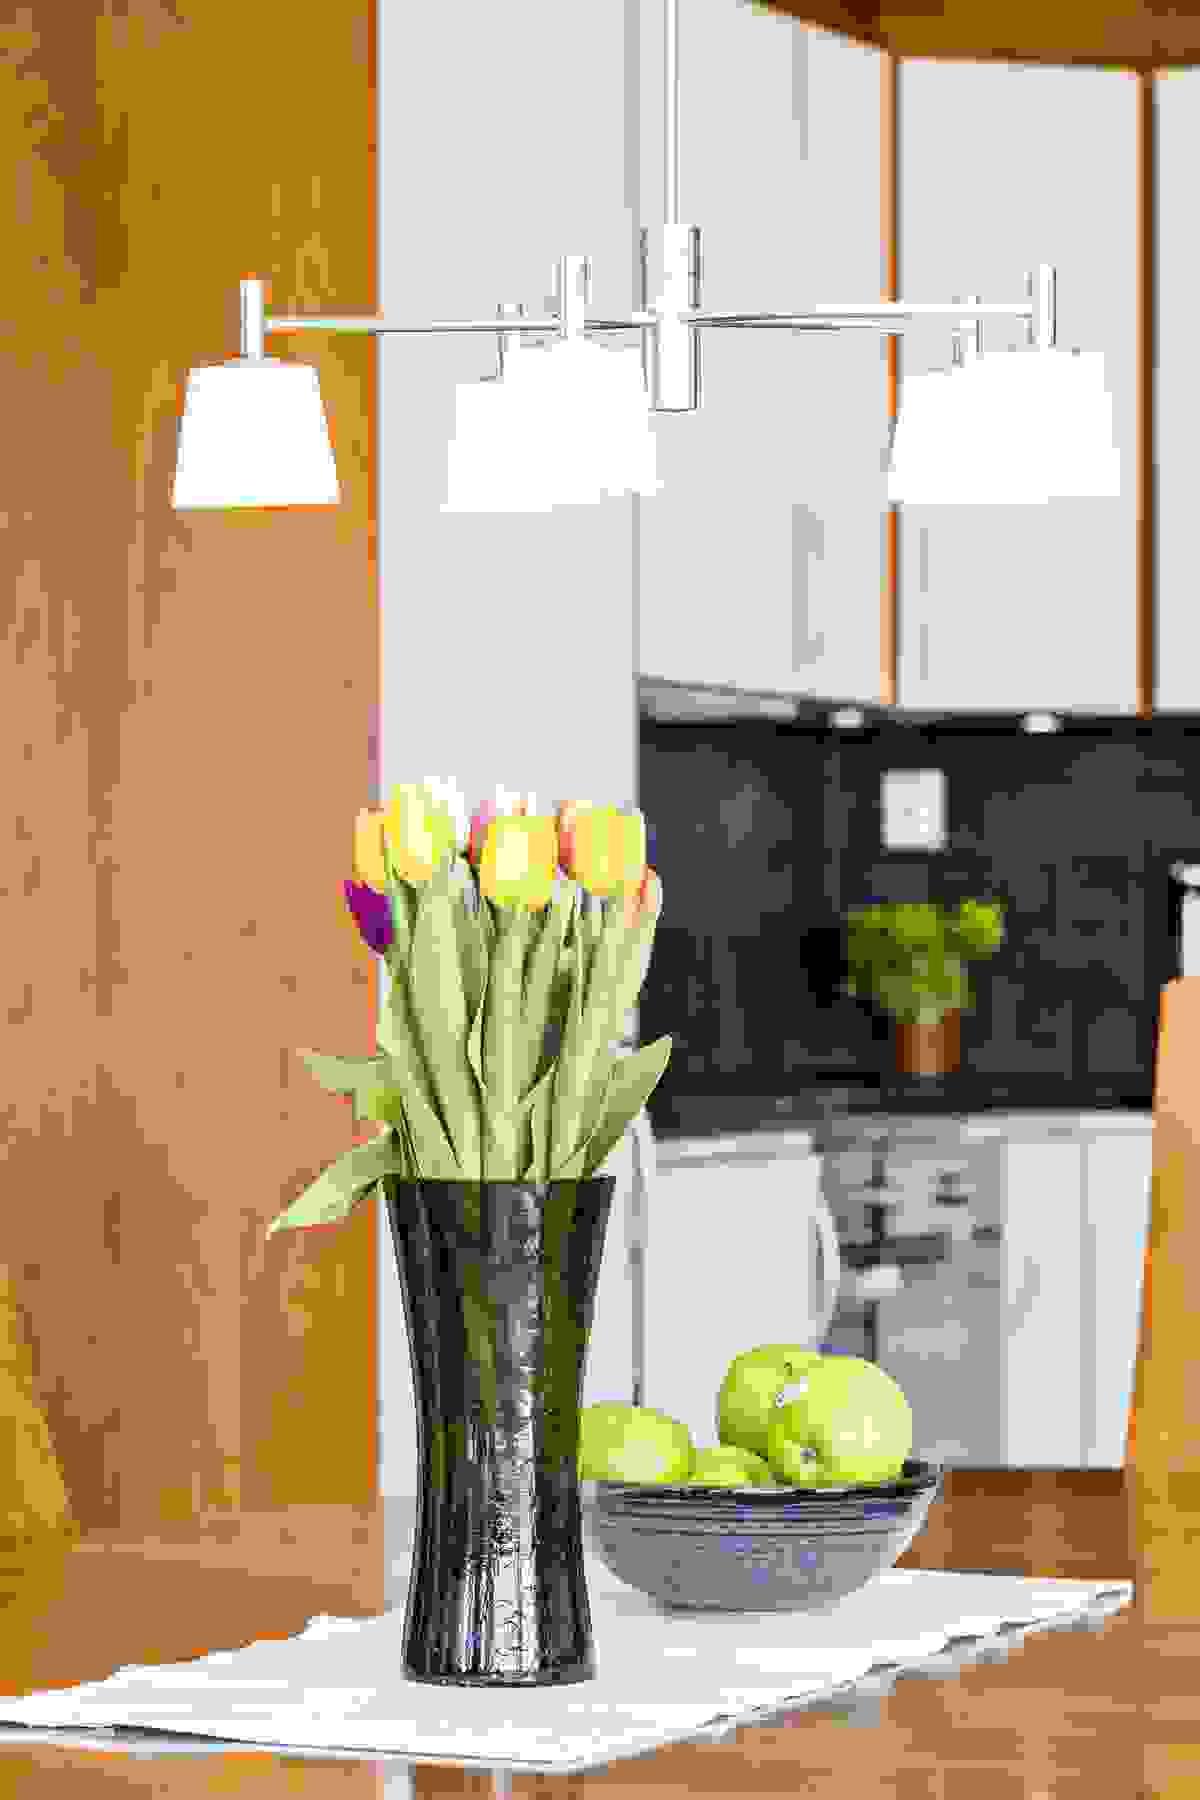 Også på kjøkkenet er det eikeparkett med underliggende varmekabler, malte veggflater og malt himling